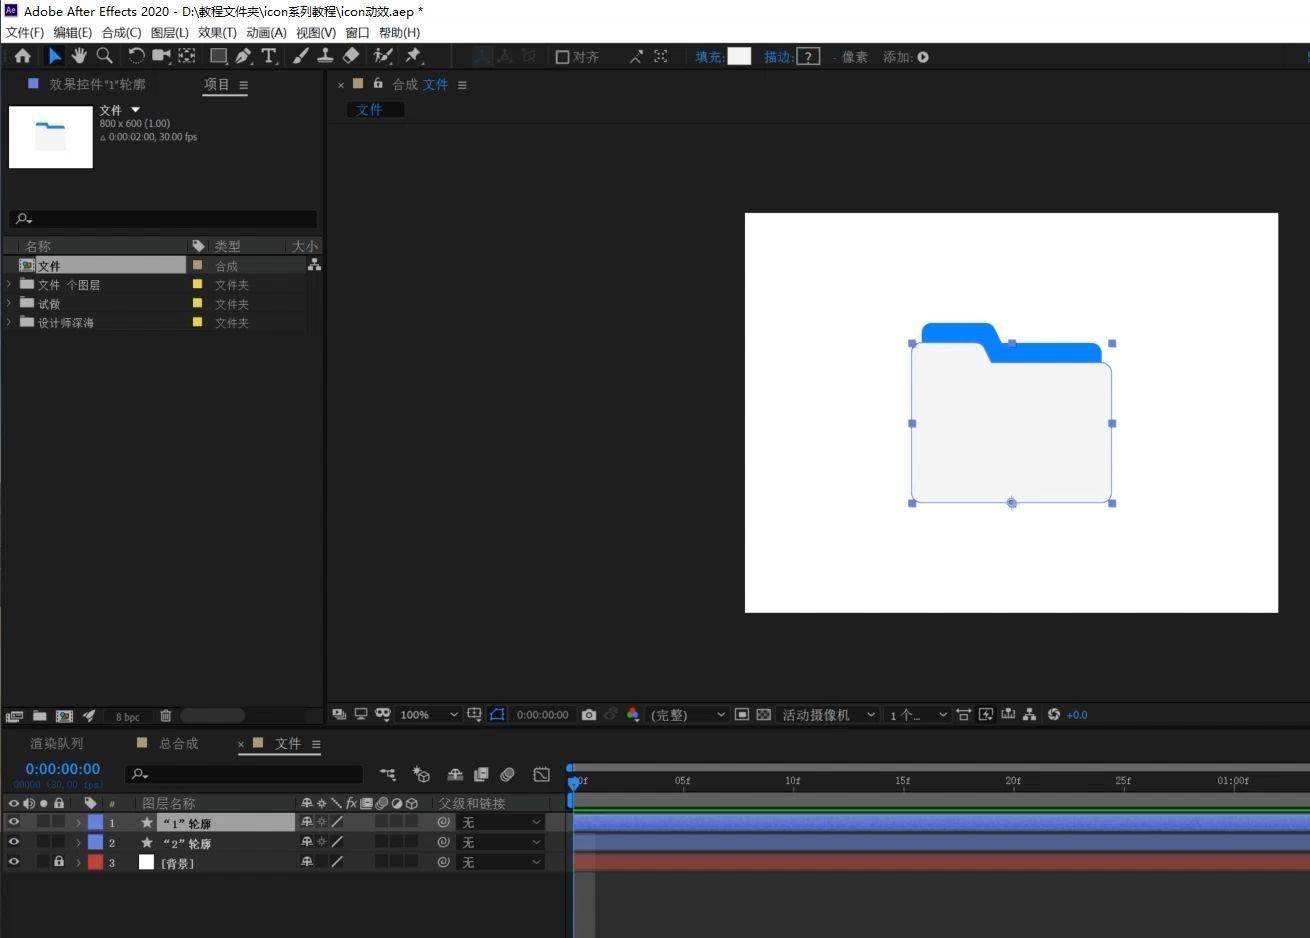 AE如何制作毛玻璃风格图标动效(7)